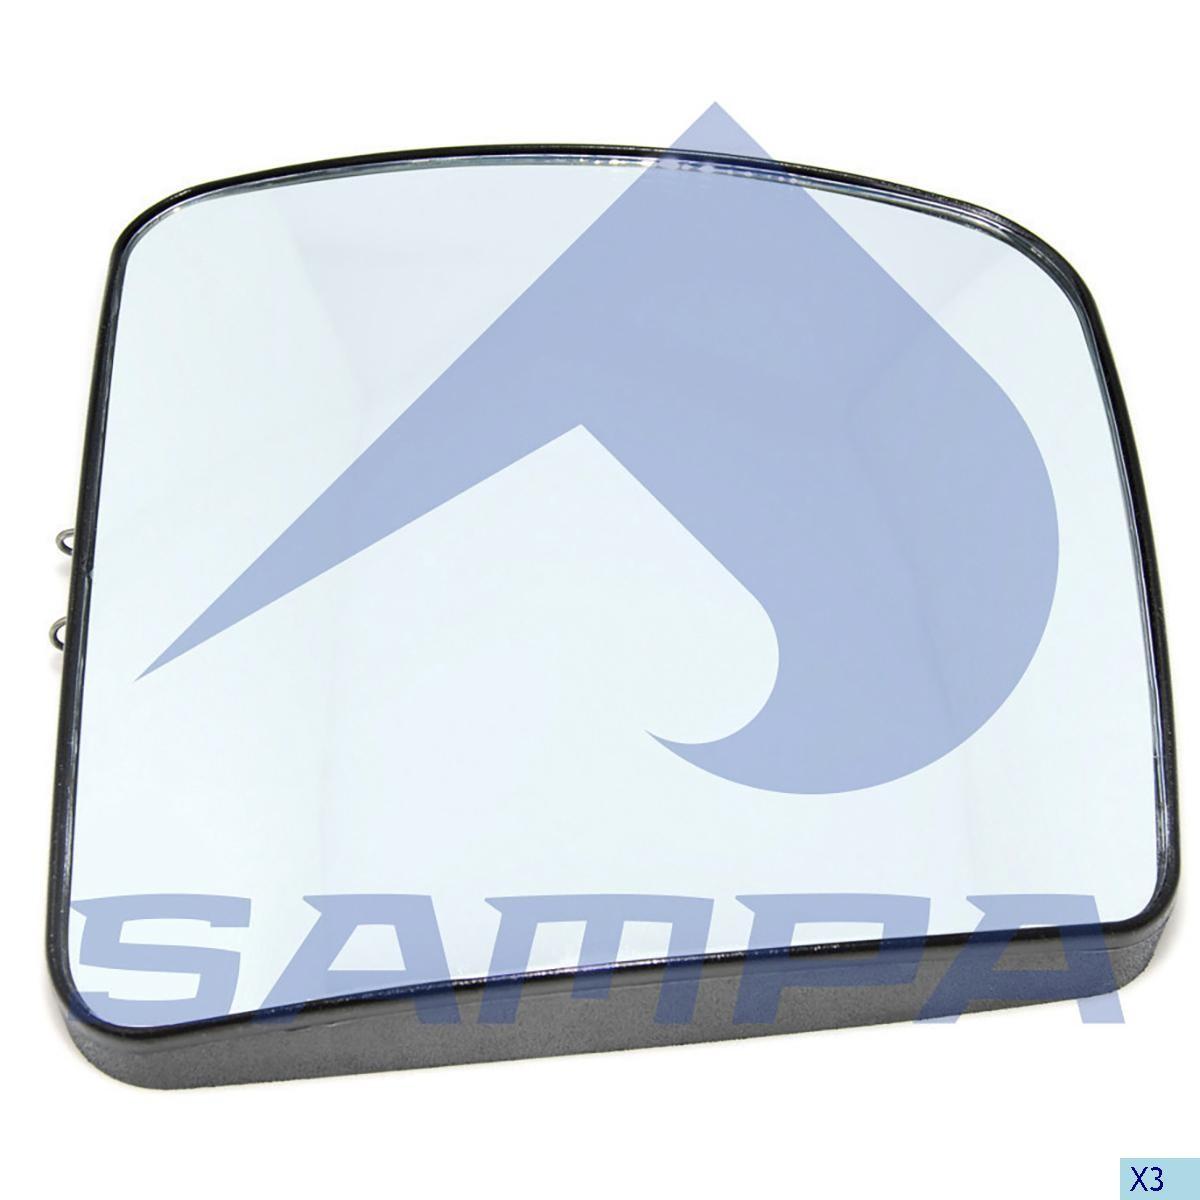 Стекло зеркала Actros Euro 5 левое малое photo